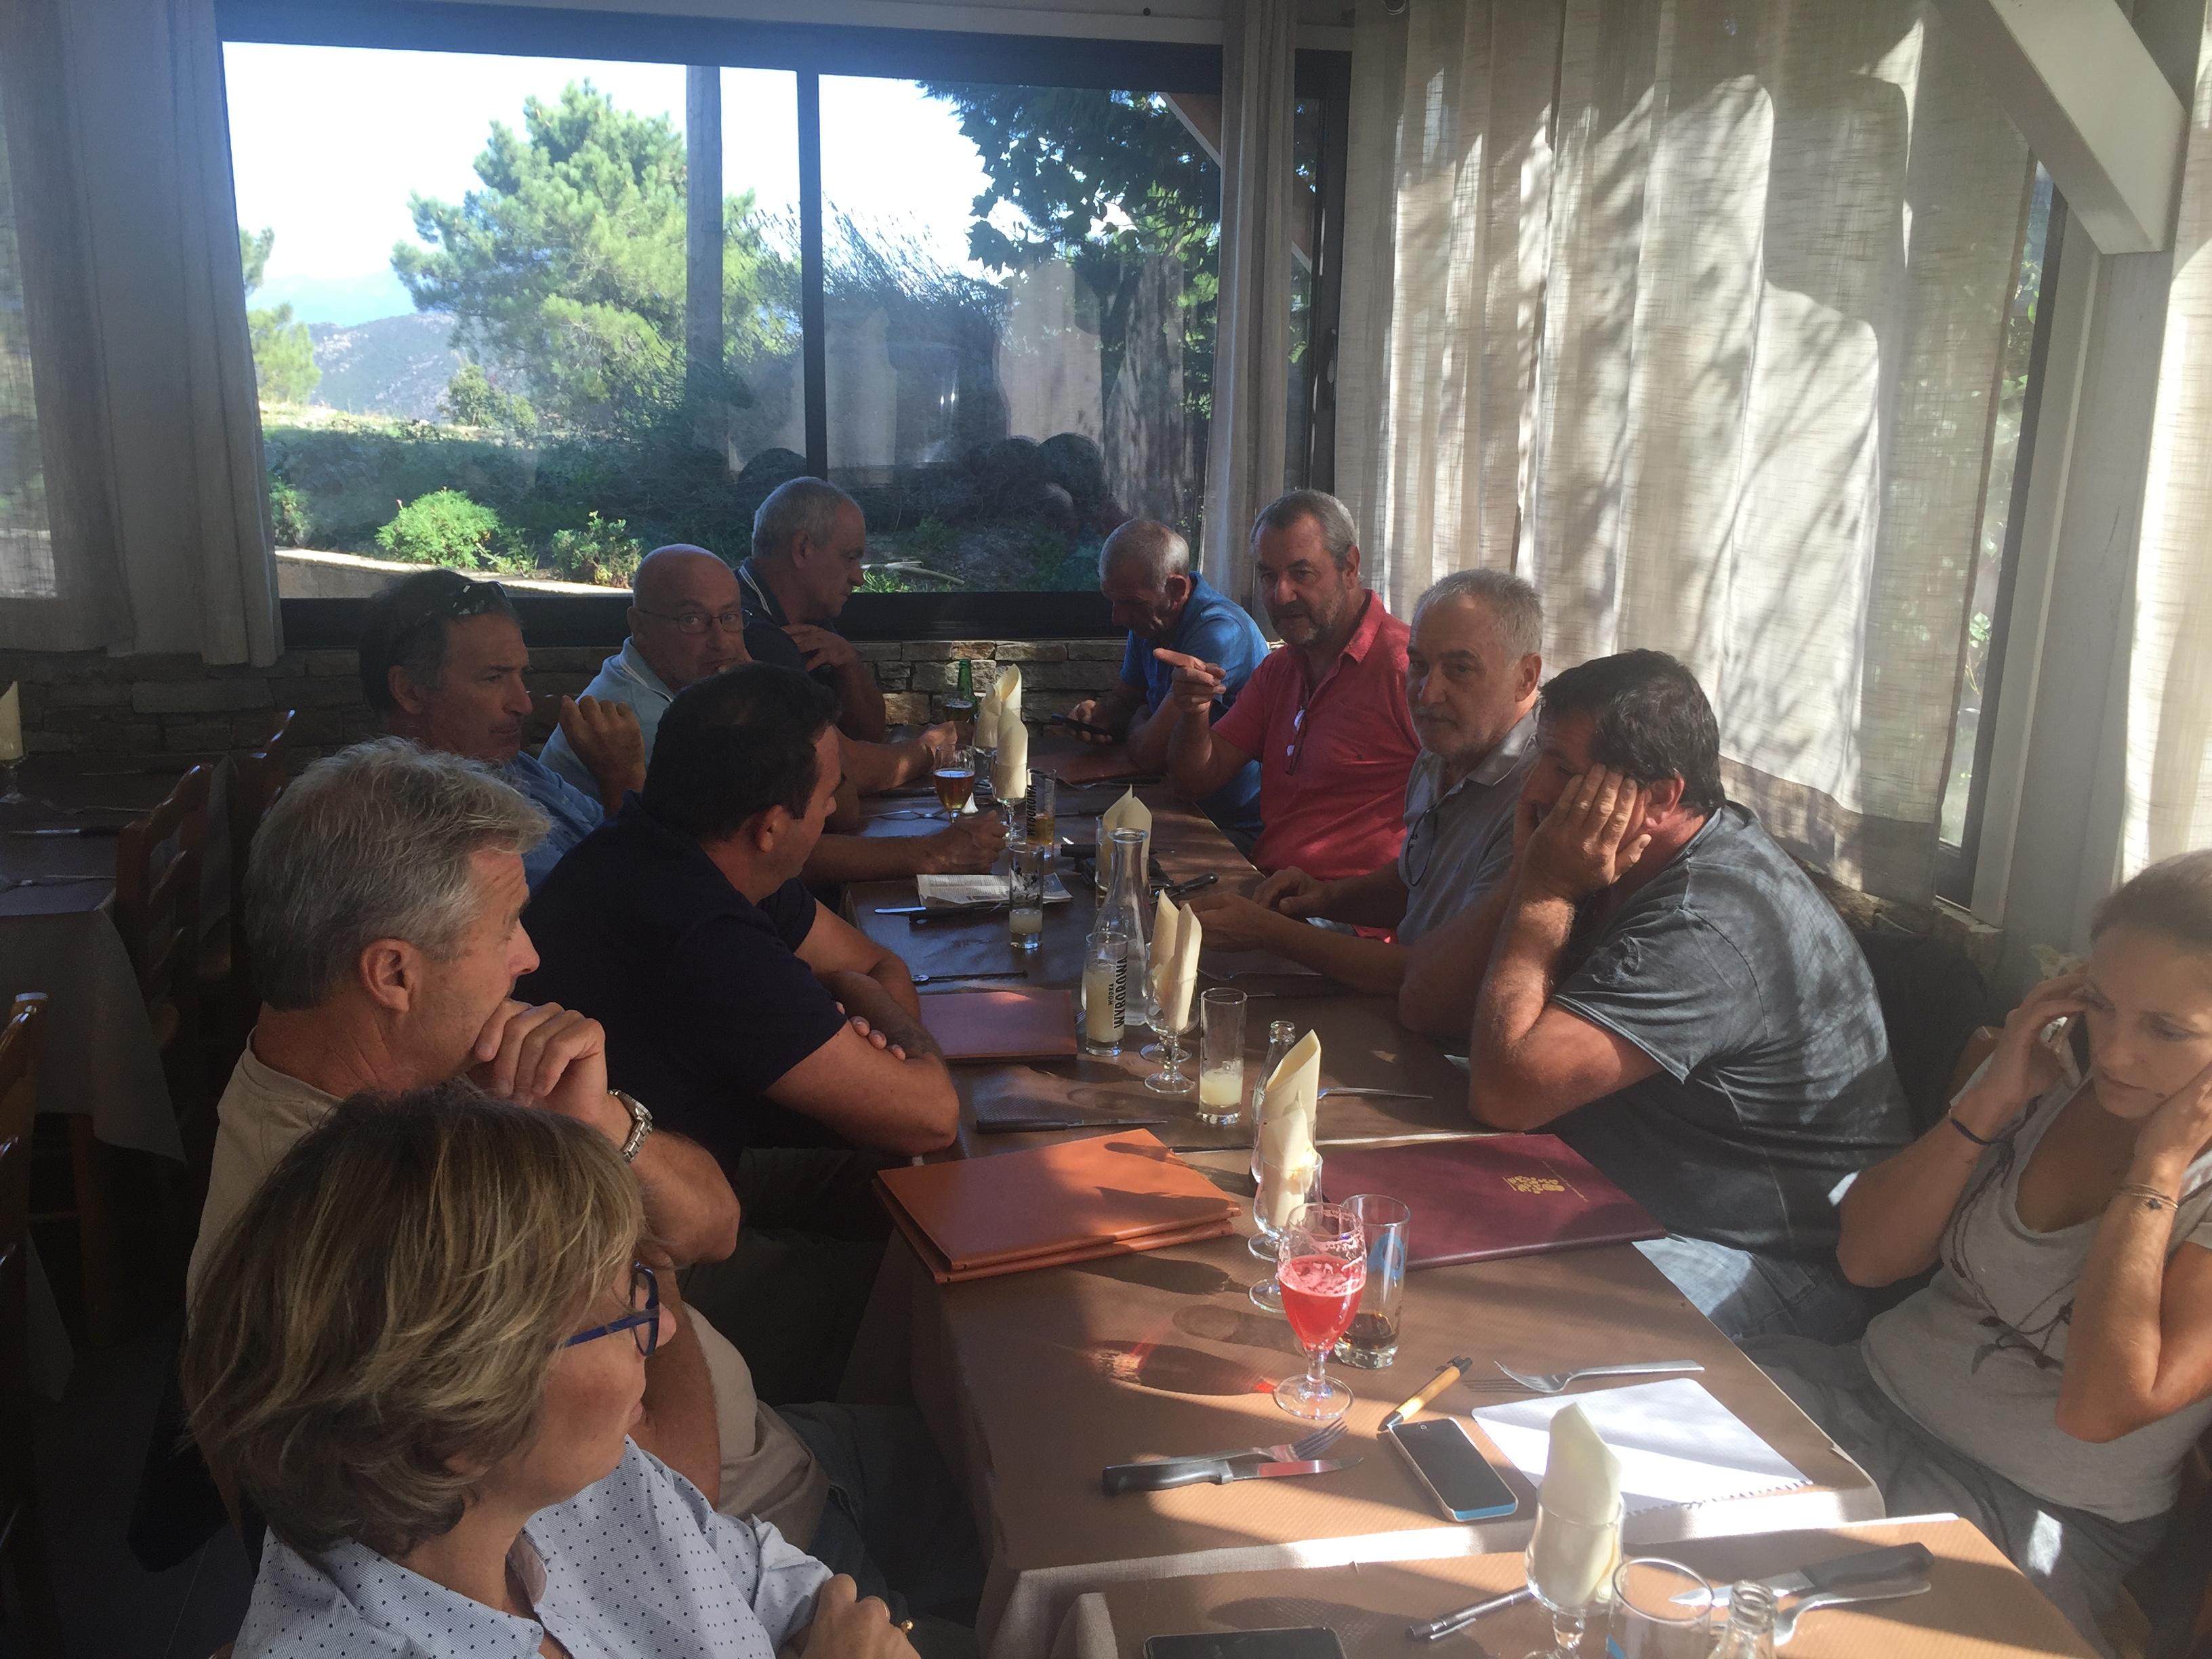 Etaient présents: Gérard Romiti, président du CRPMEM - Philippe Botti, 1er prud'homme de Bonifacio, Maxime Bianchini, 4ème Prud'homme de Bonifacio, Eric Villain,1er Prud'homme de Balagne, Alain Huguet, 2ème Prud'homme de Balagne, Bruno Strinna, 1er Prud'homme de Bastia/Cap Corse, Daniel Defusco, 2ème Prud'homme de Bastia/Cap Corse, Laurent Briançon, Président de la commission Environnement, Jessica Dijoux, Directrice du CRPMEMC, Coralie Duchaud, Assistante du Président, Philippe Peronne, chargé de mission aux affaires communautaires et méditerranéennes, Xavier D'Orazio, 1er prud'homme d'Ajaccio, Dume Compas, secrétaire administratif du CRPMEMC - Excusé Antoine Duval